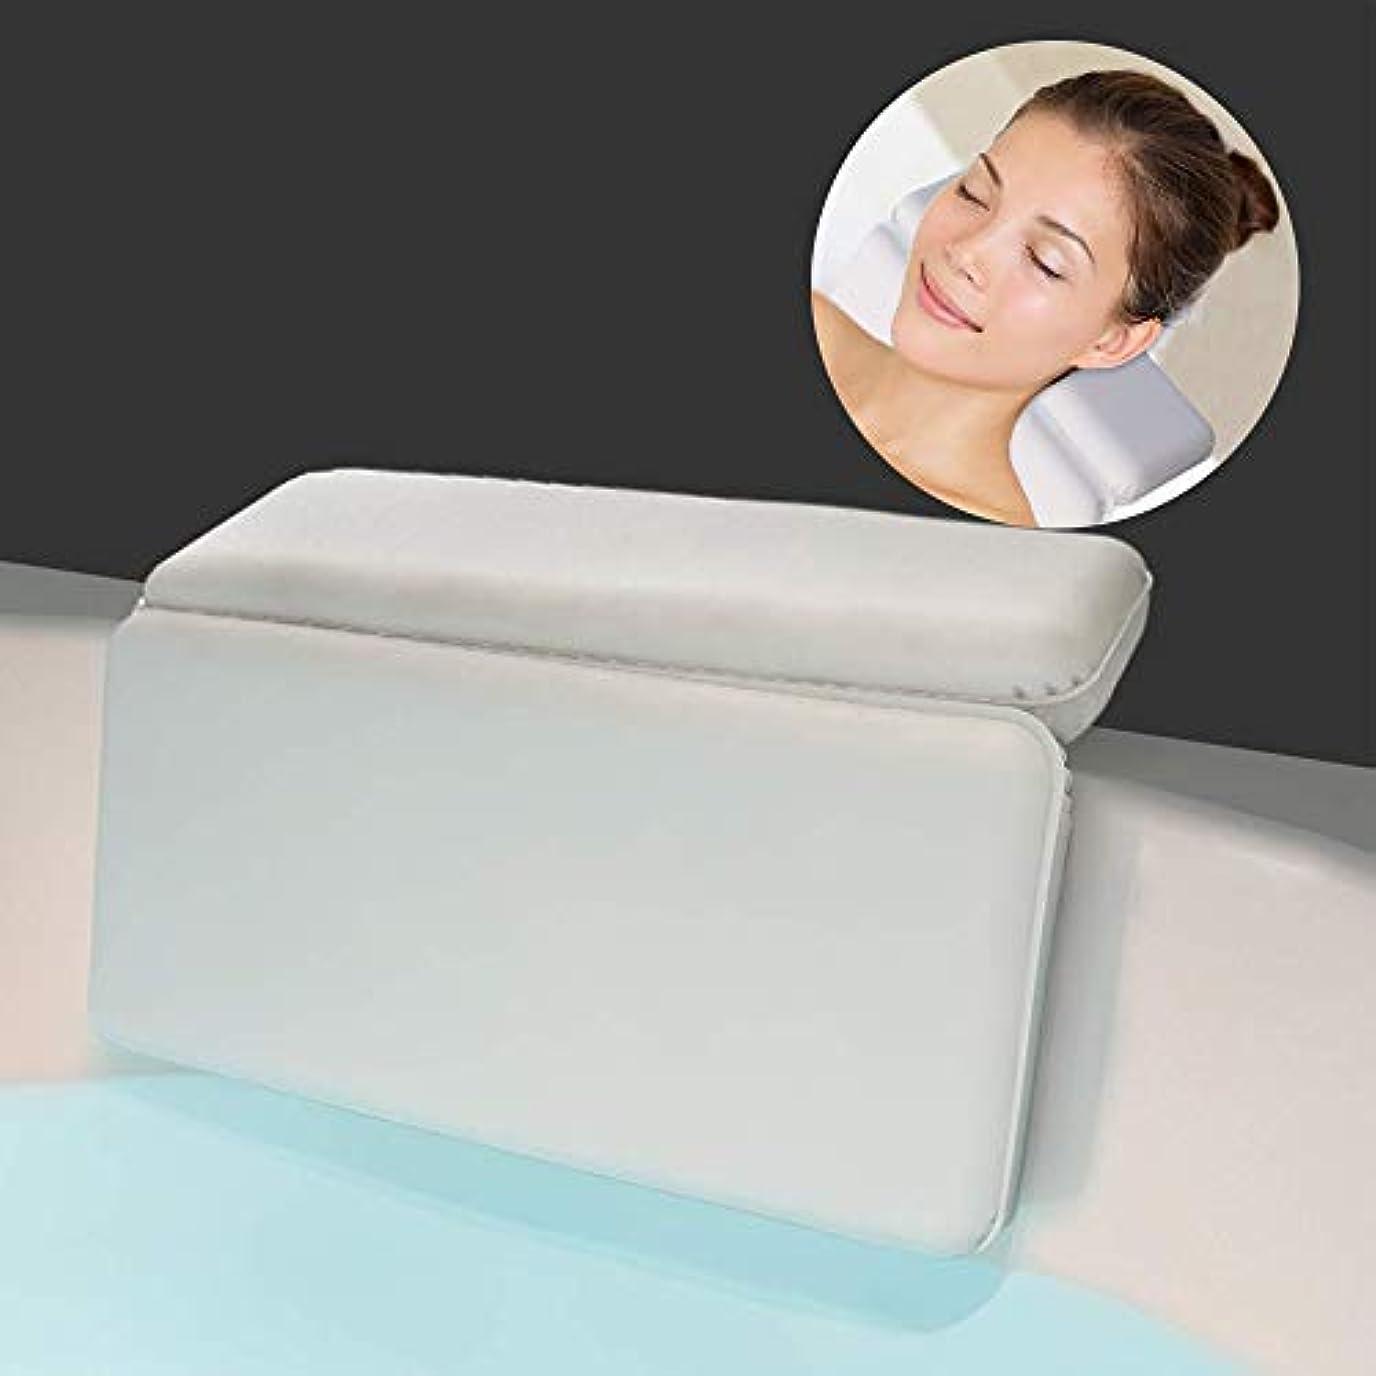 表向き条約囲まれたサクションカップ付き防水ソフトバスピローショルダー&ネックサポート用の高級バスクッション。あらゆるサイズの浴槽にフィット